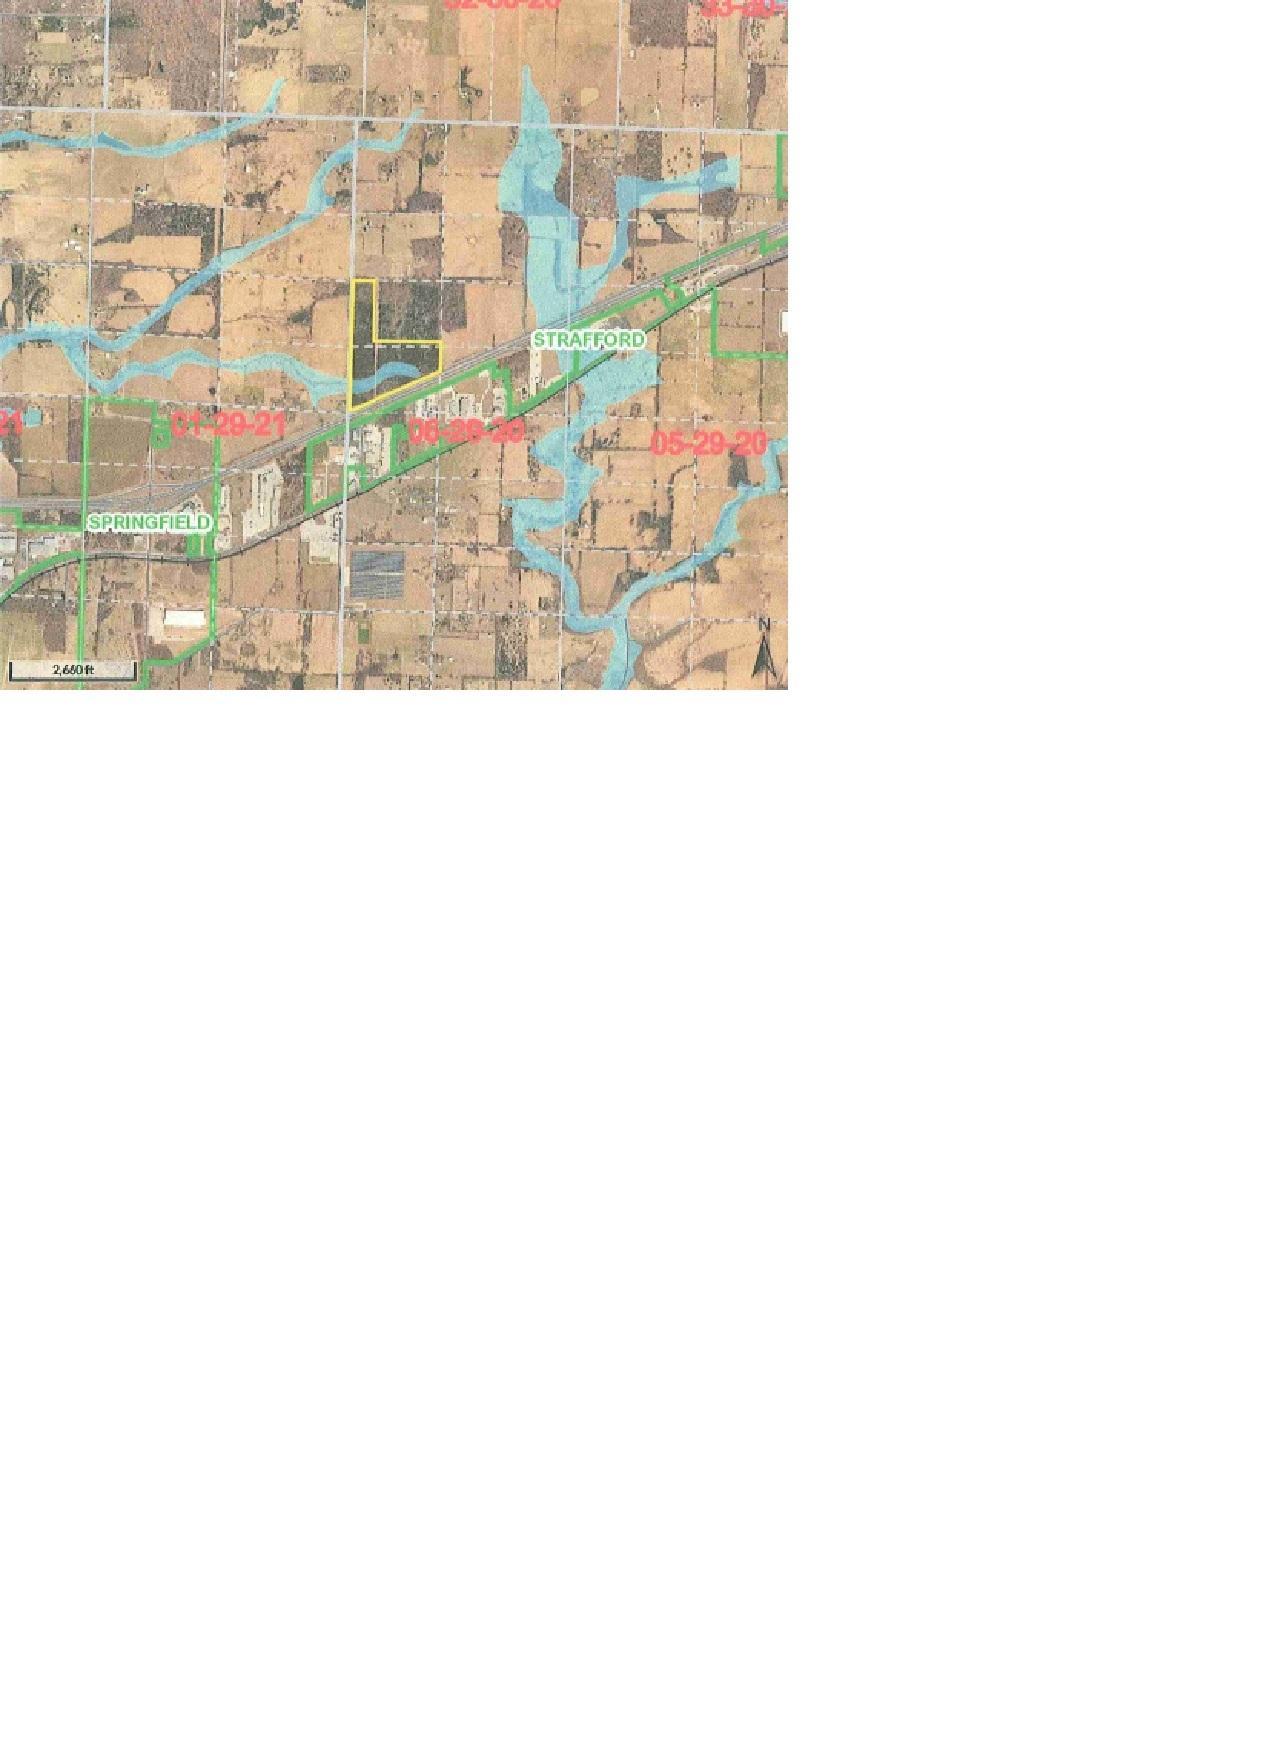 North Farm Rd 205 Strafford, MO 65757